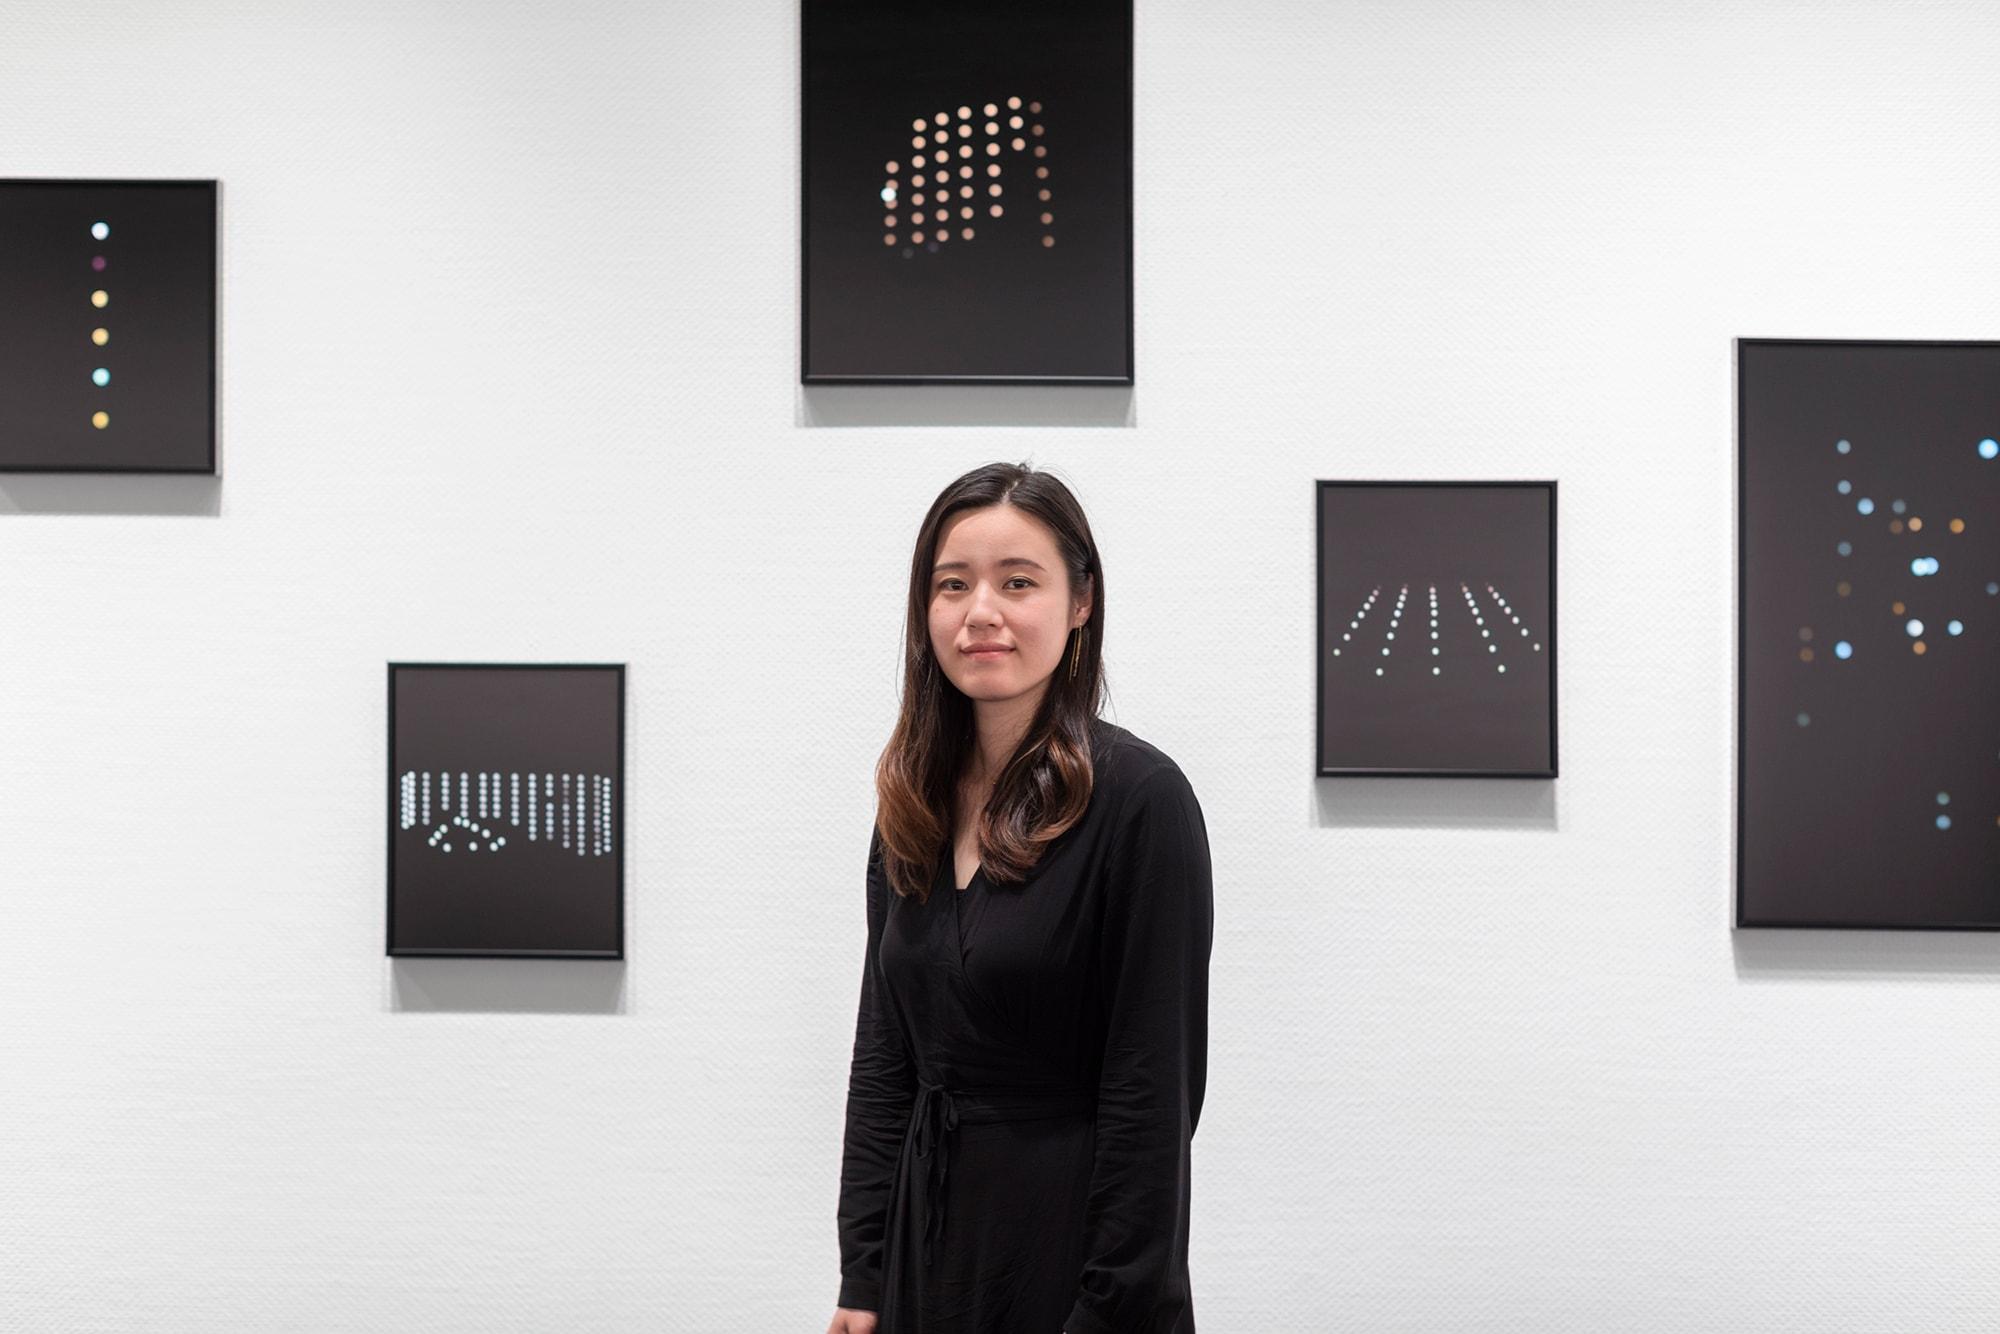 岡田舞子インタヴュー「その写真の中に私もいる:泥沼のような『いま、ここ』から始めるドキュメンタリー」 | 岡田舞子